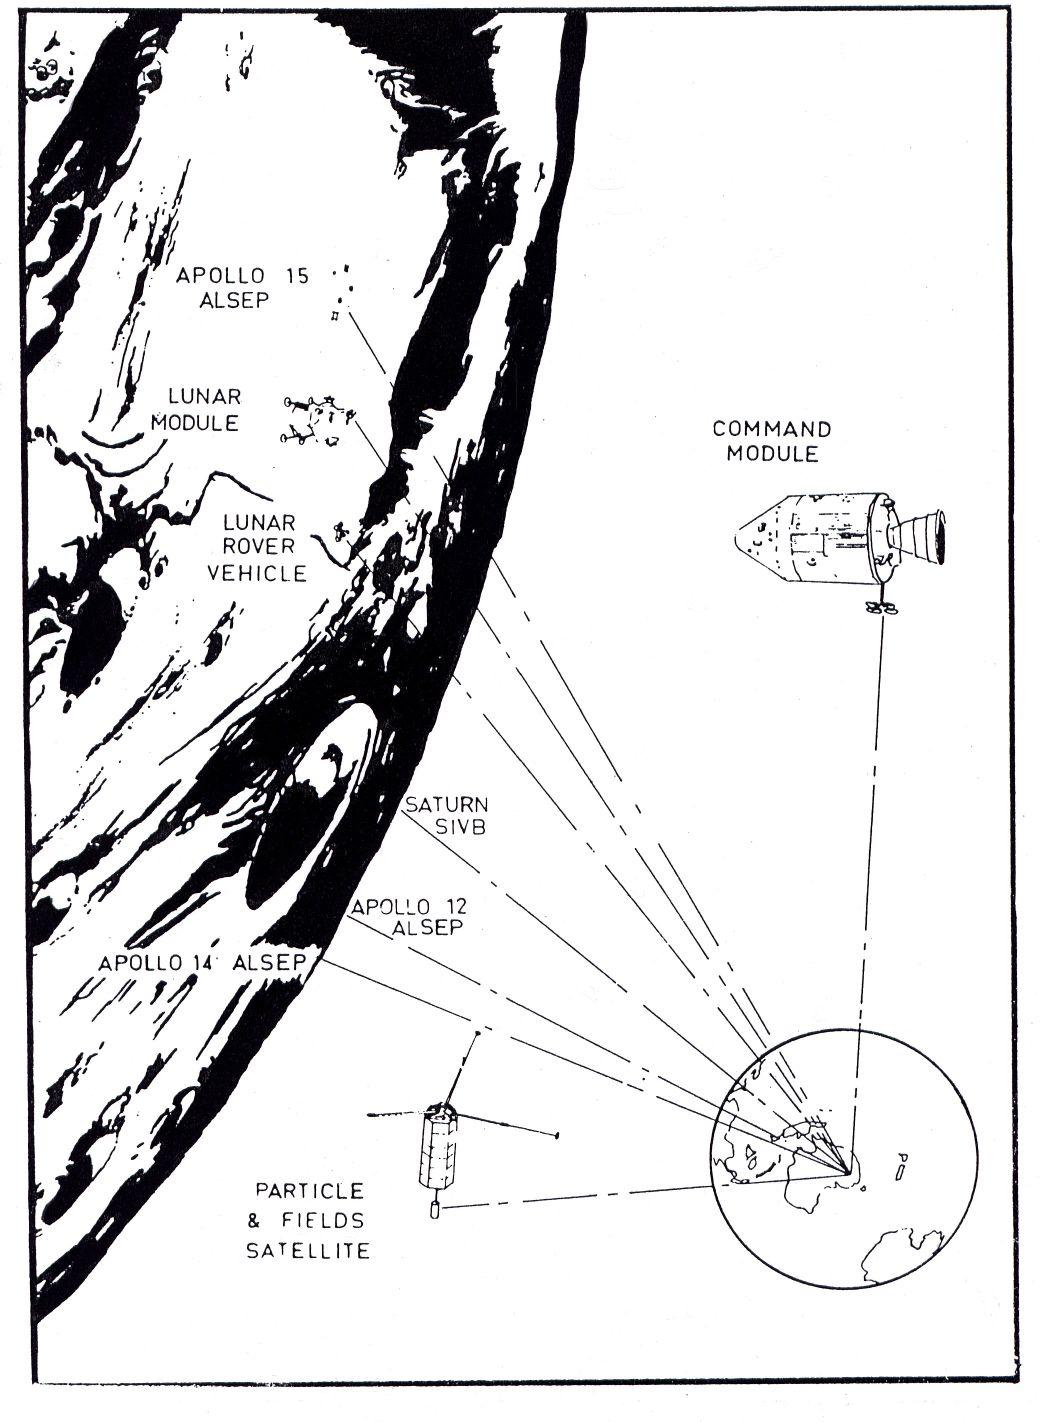 Apollo Era Technical Description